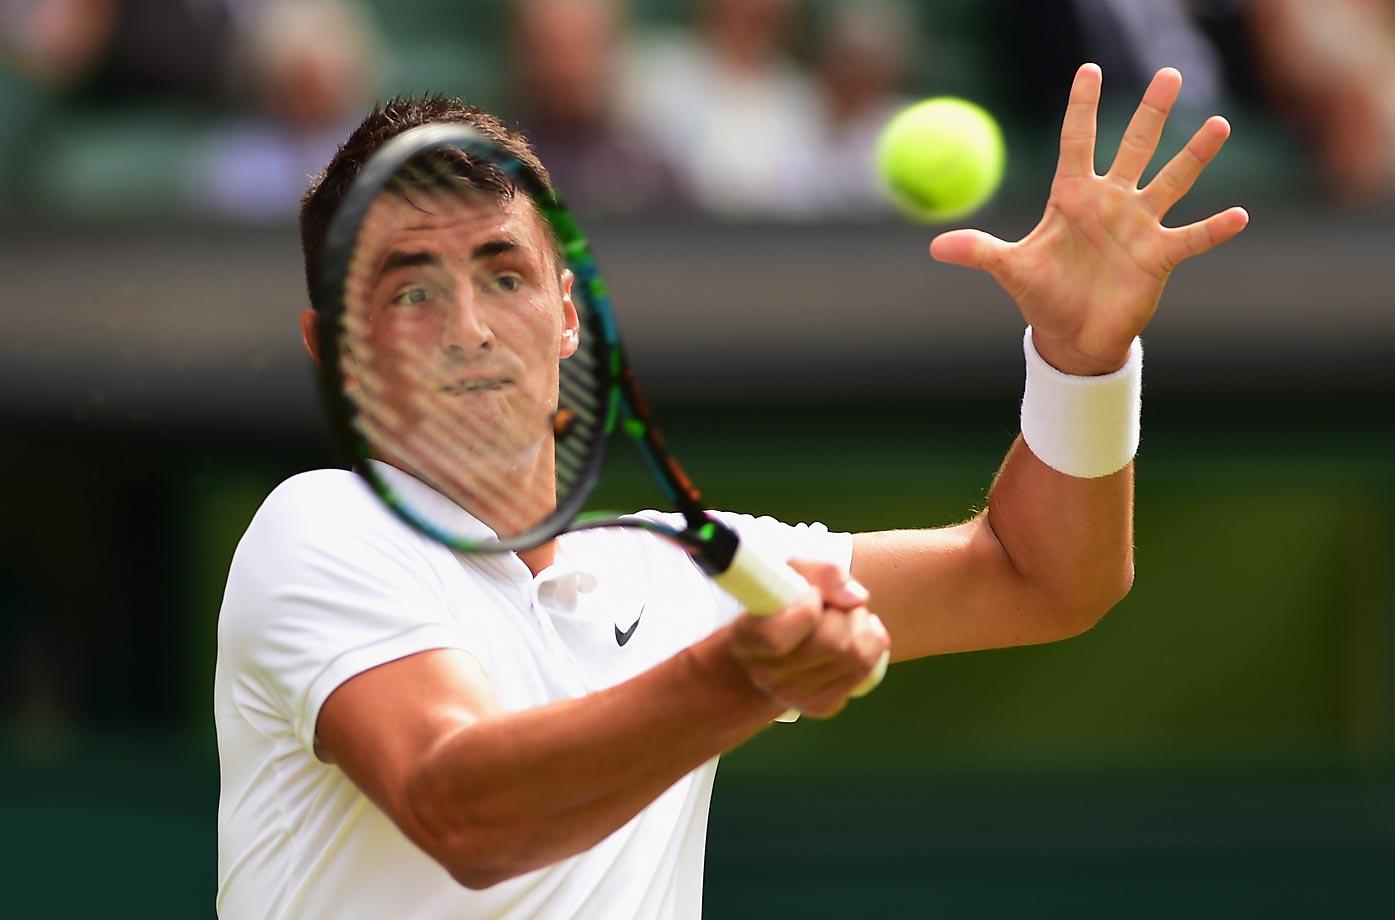 Bernard Tomic plays a forehand against Novak Djokovic at Wimbledon.